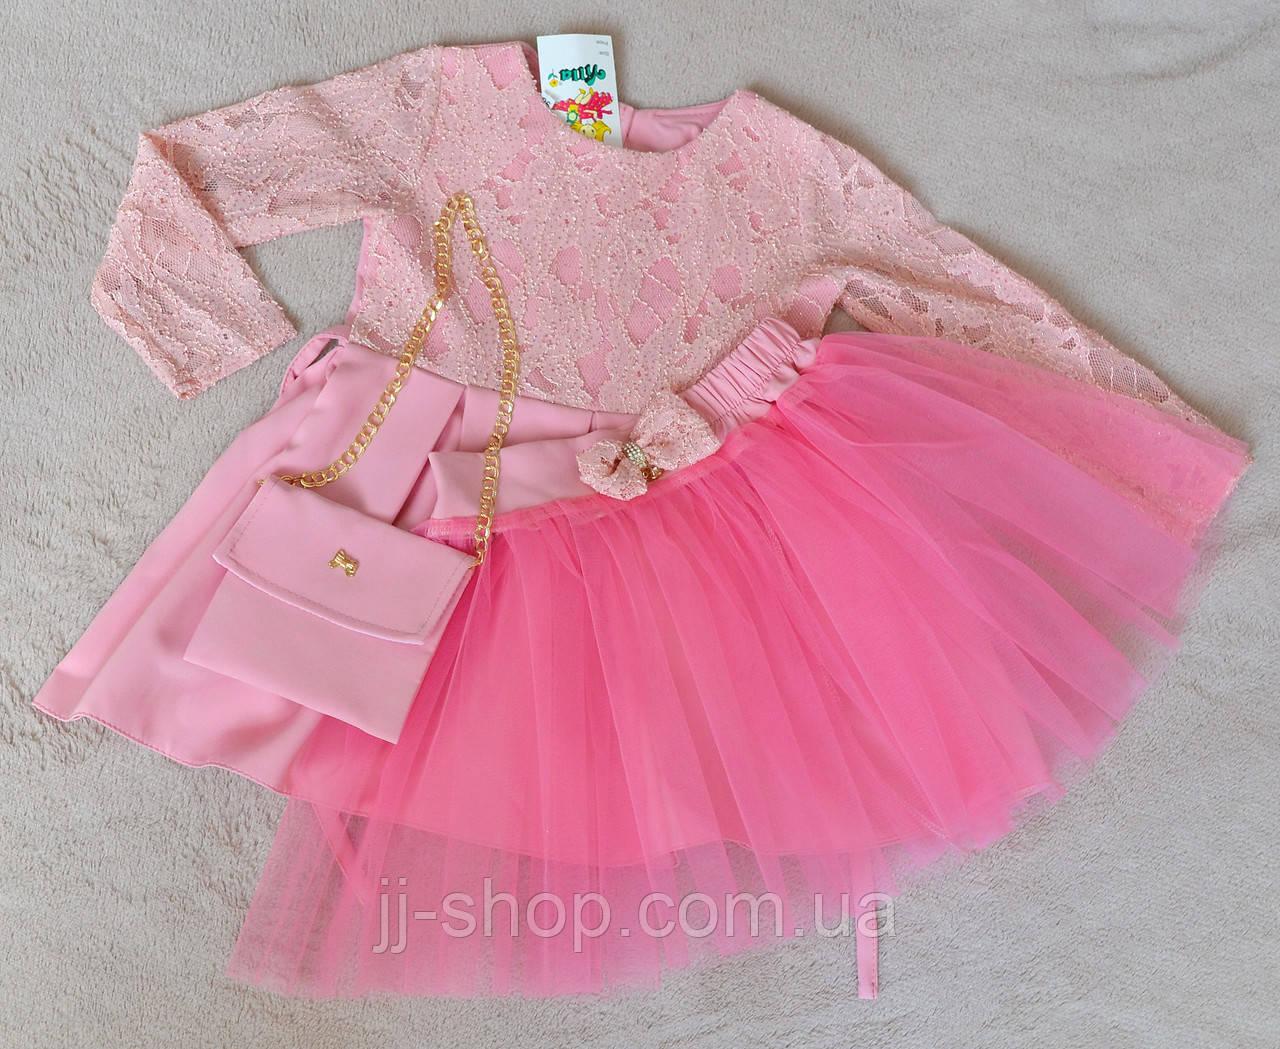 Платье Для Девочки 4 Года Купить